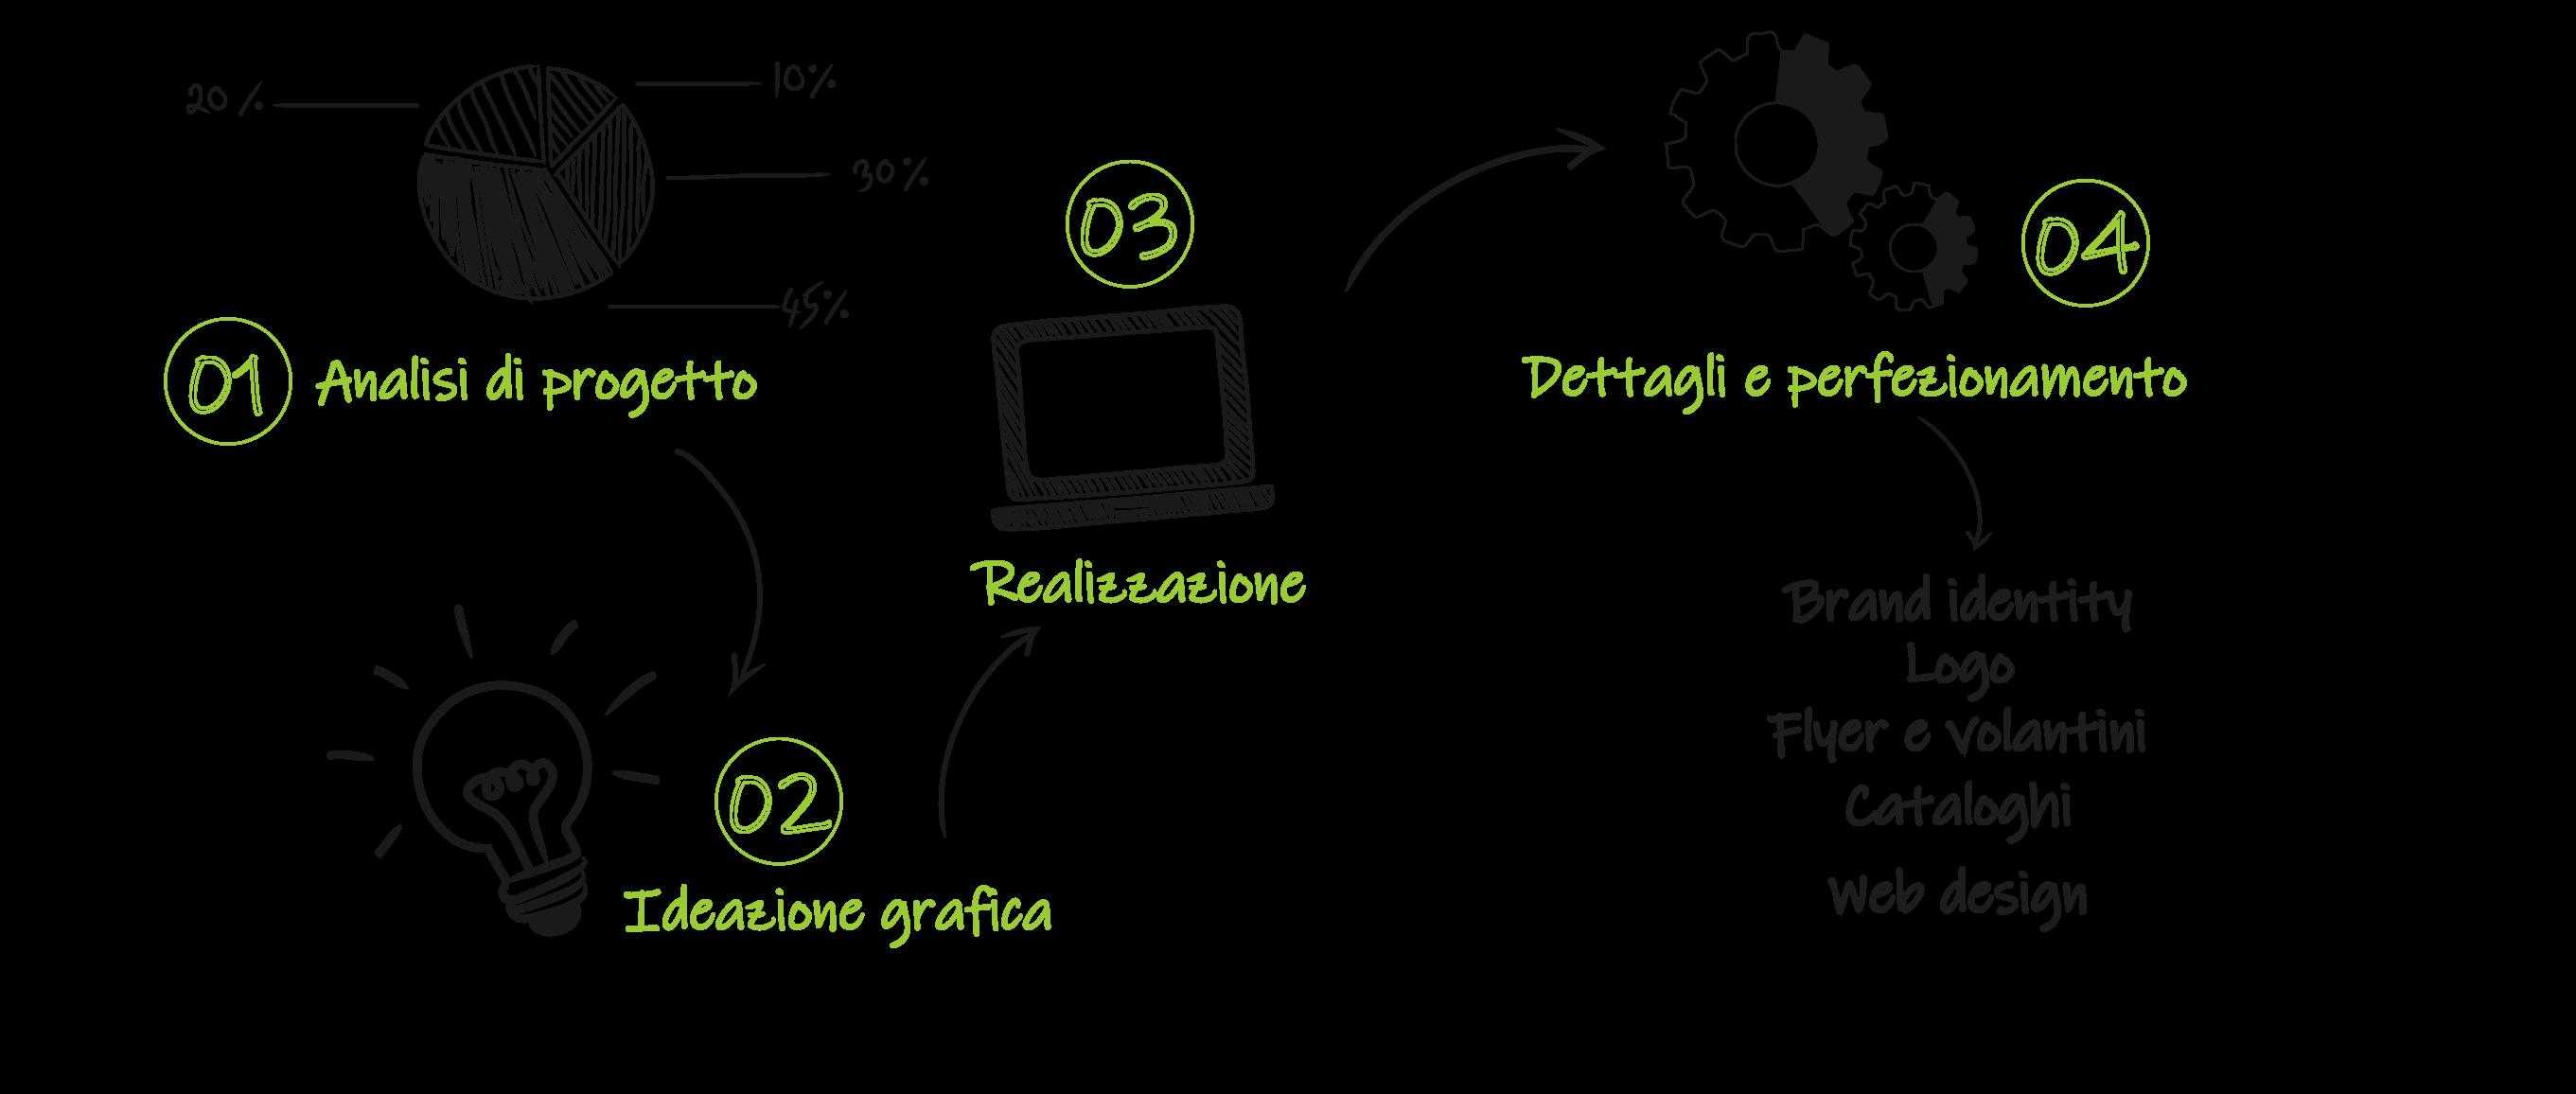 Sviluppiamo grafiche di flyer, volantini, siti web